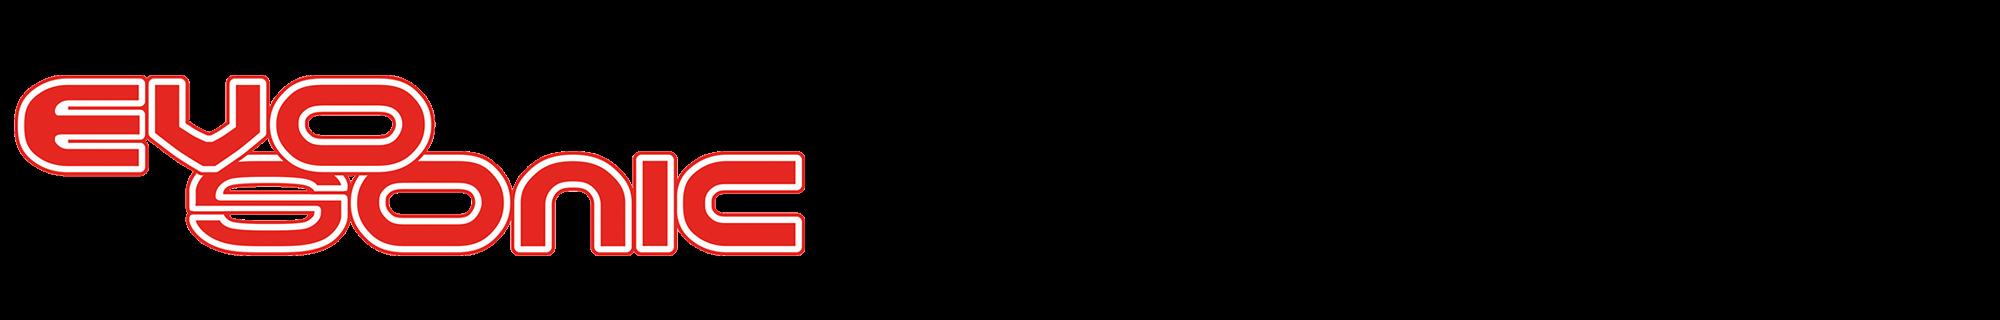 Evoarchiv